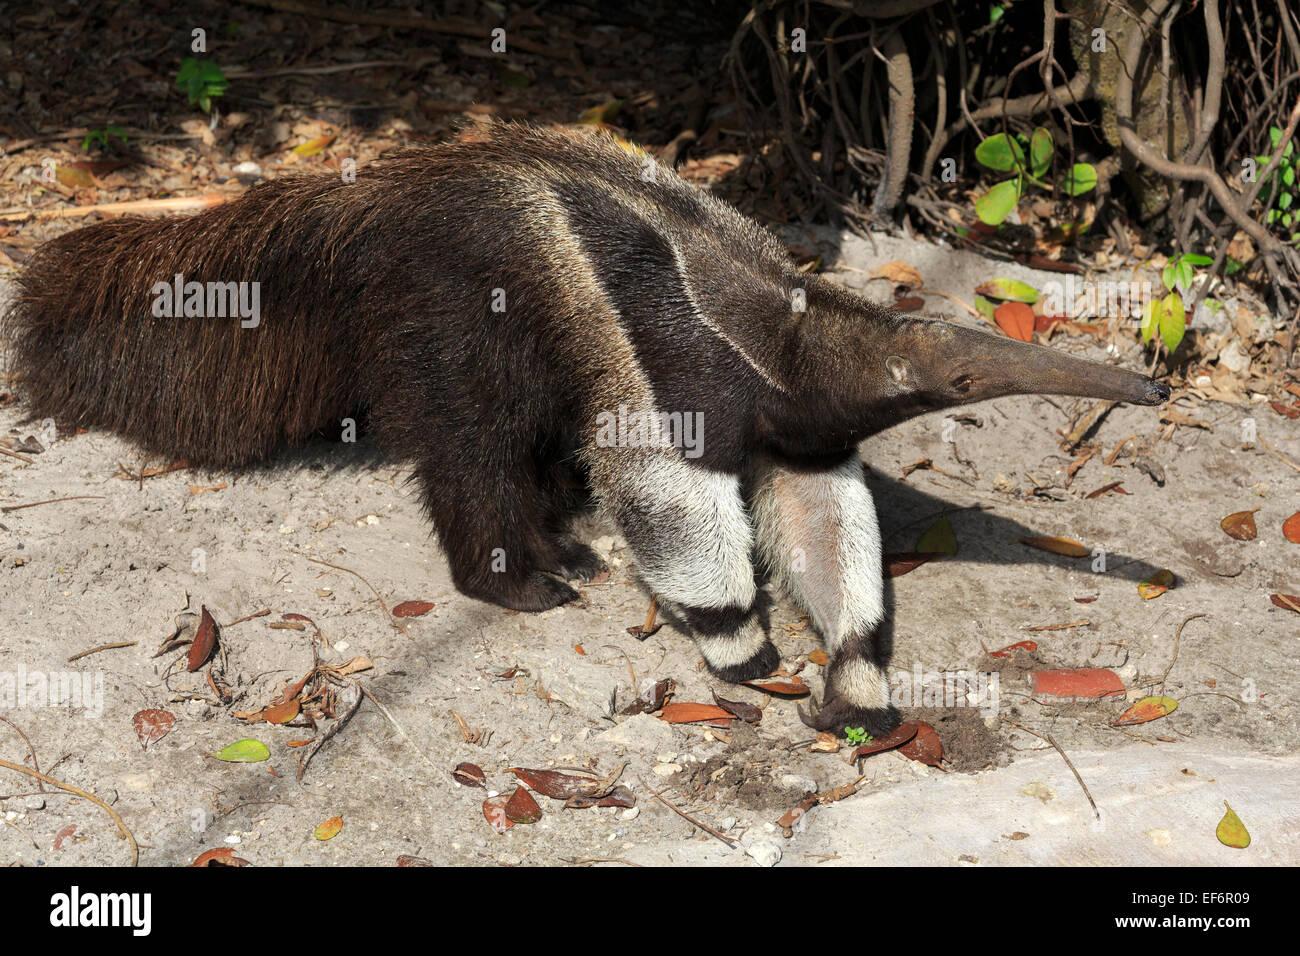 Giant anteater, Myrmecophaga tridactyla - Stock Image